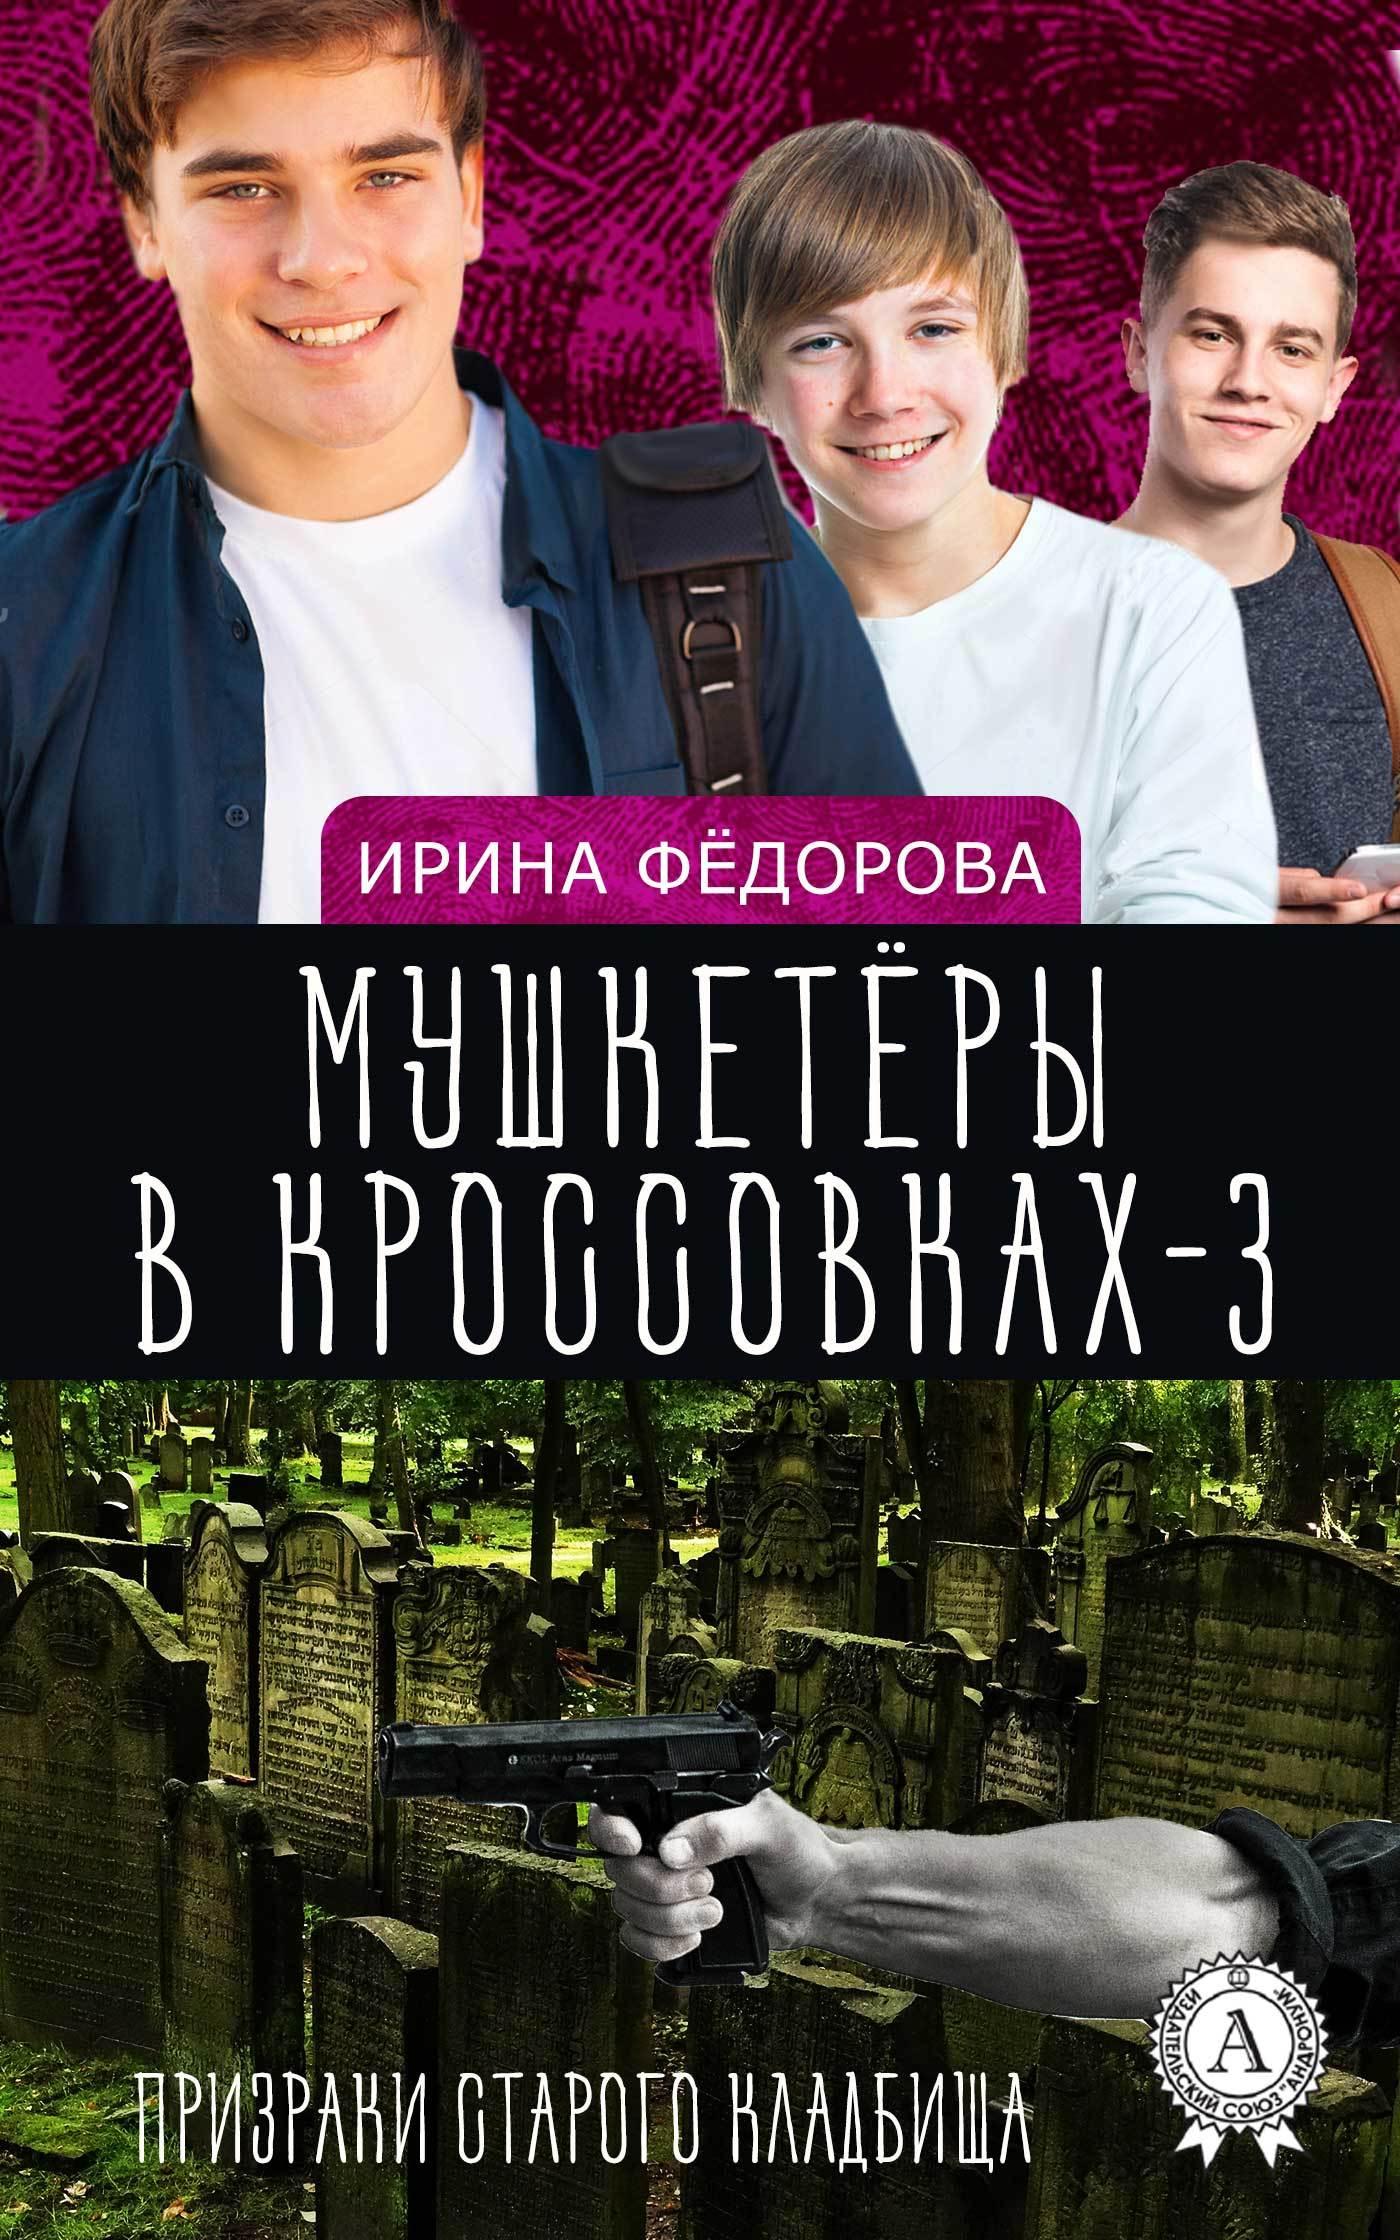 Ирина Фёдорова Призраки старого кладбища куда продать лайки на turboliker